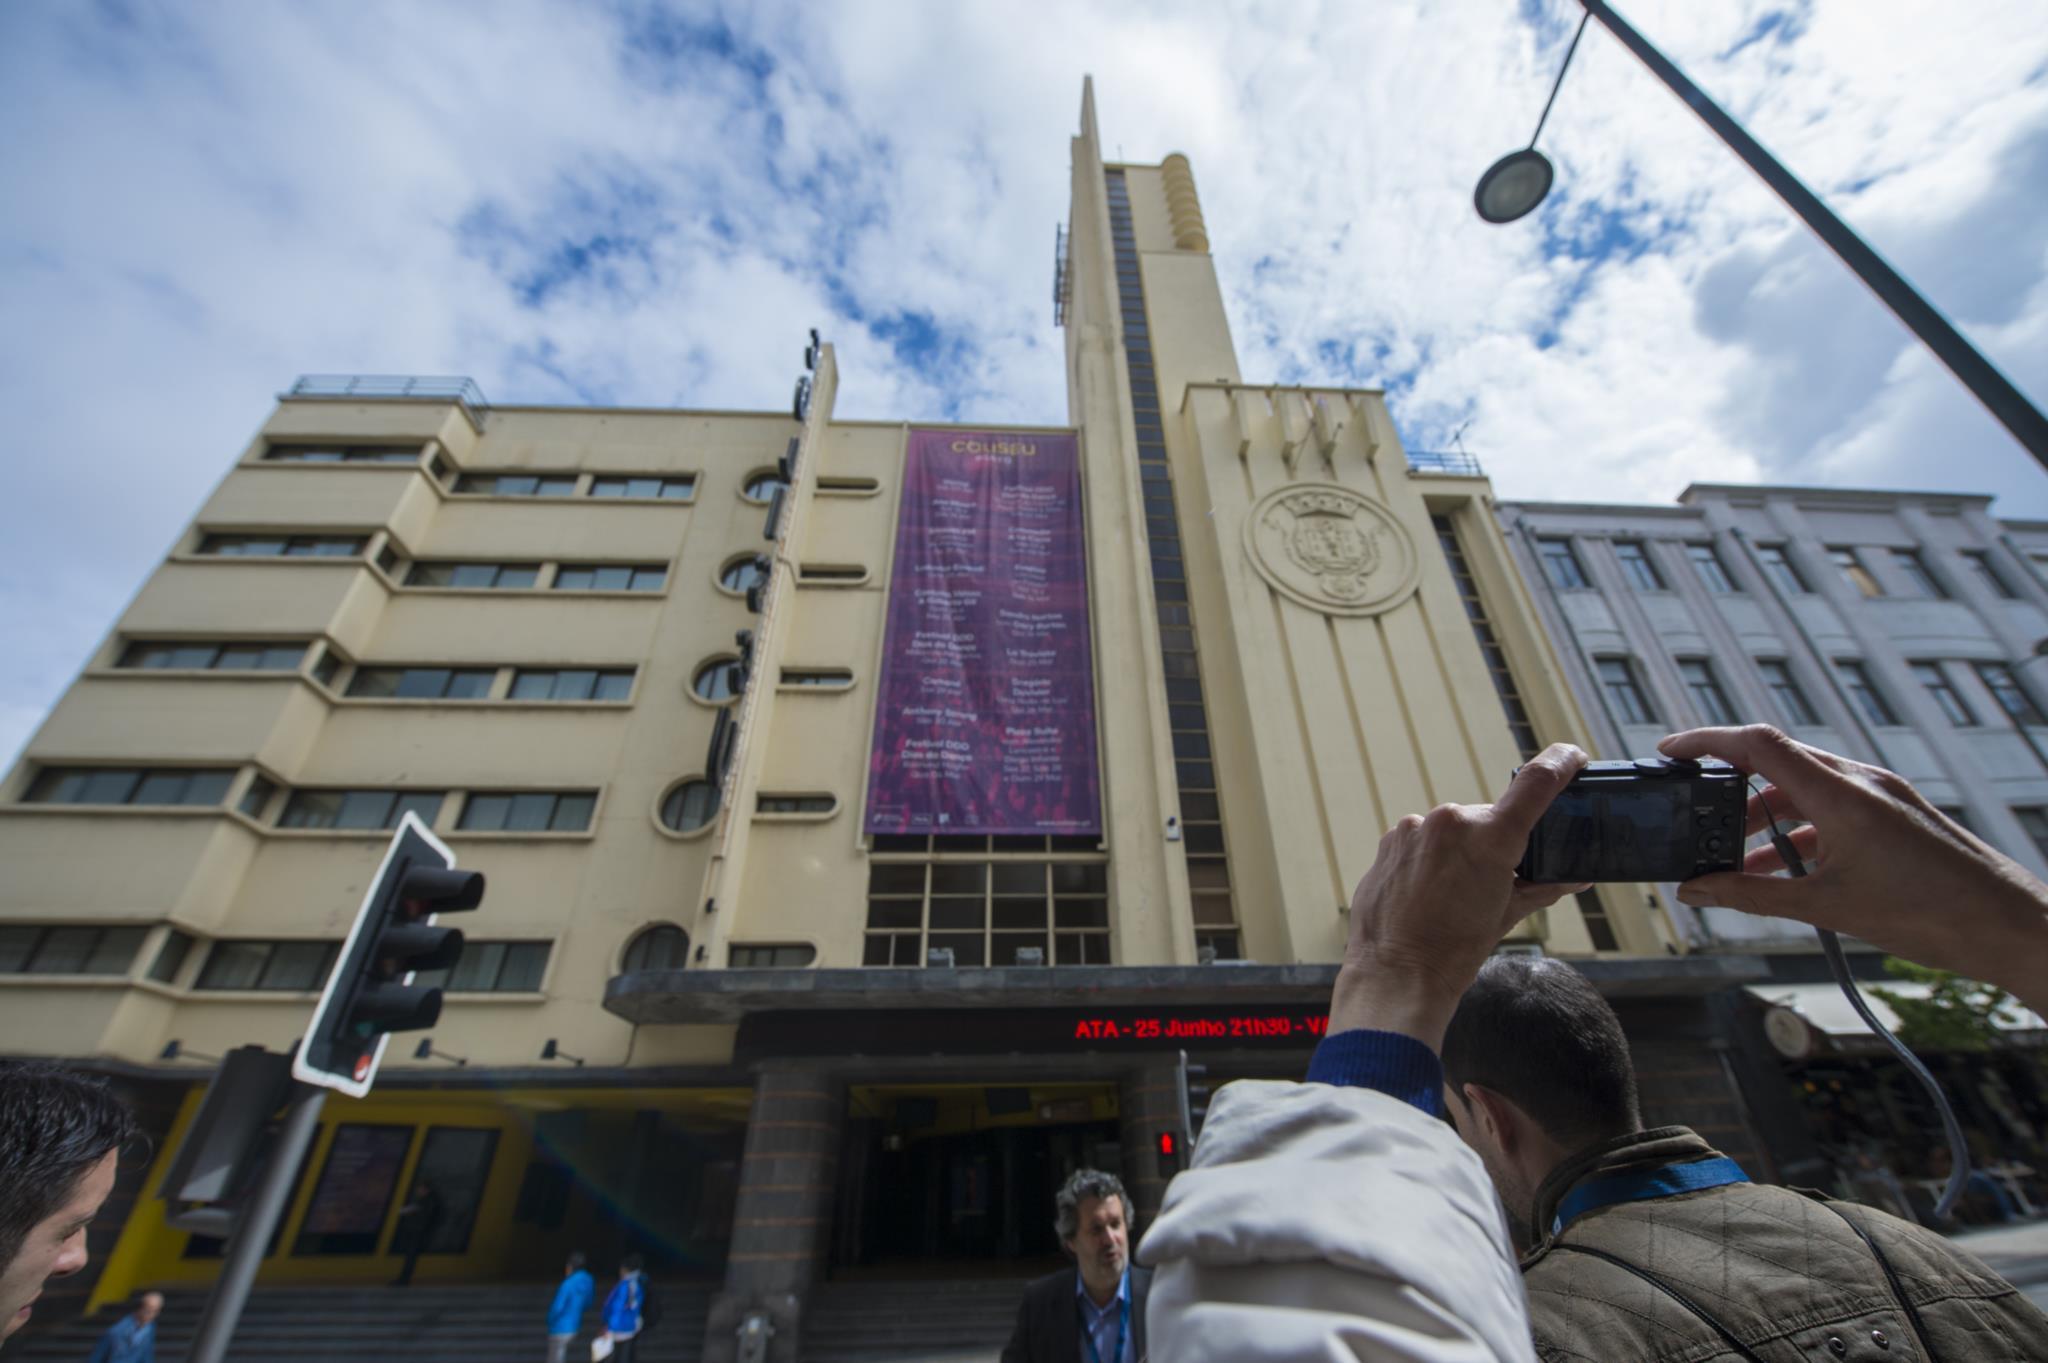 PÚBLICO - Requalificação do Coliseu do Porto pode custar dez milhões de euros